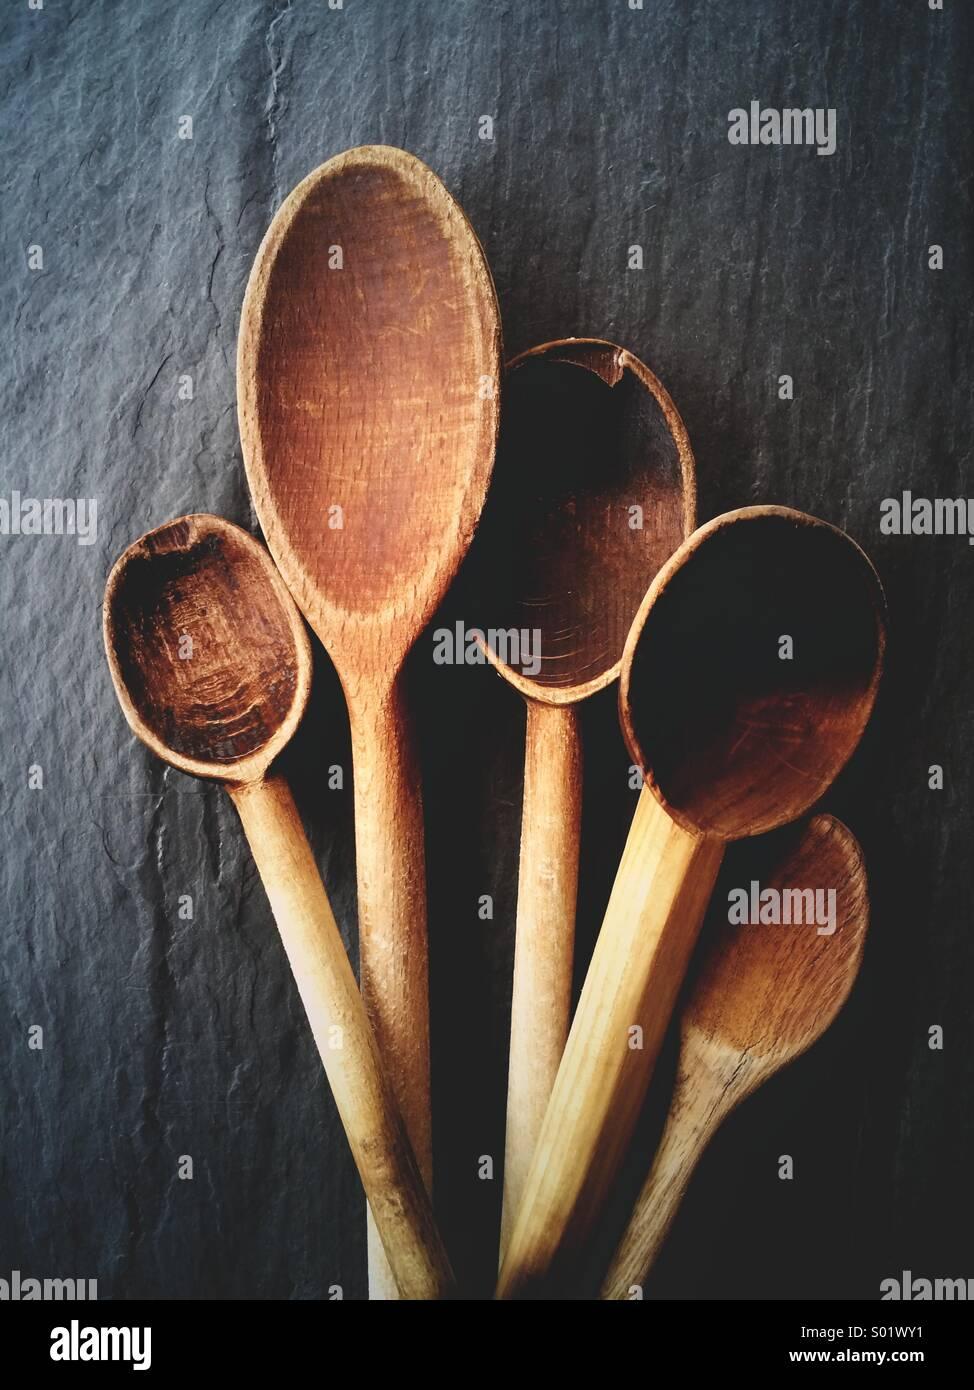 Bella e antica cucchiai di legno per la cottura su un sfondo di ardesia. Immagini Stock